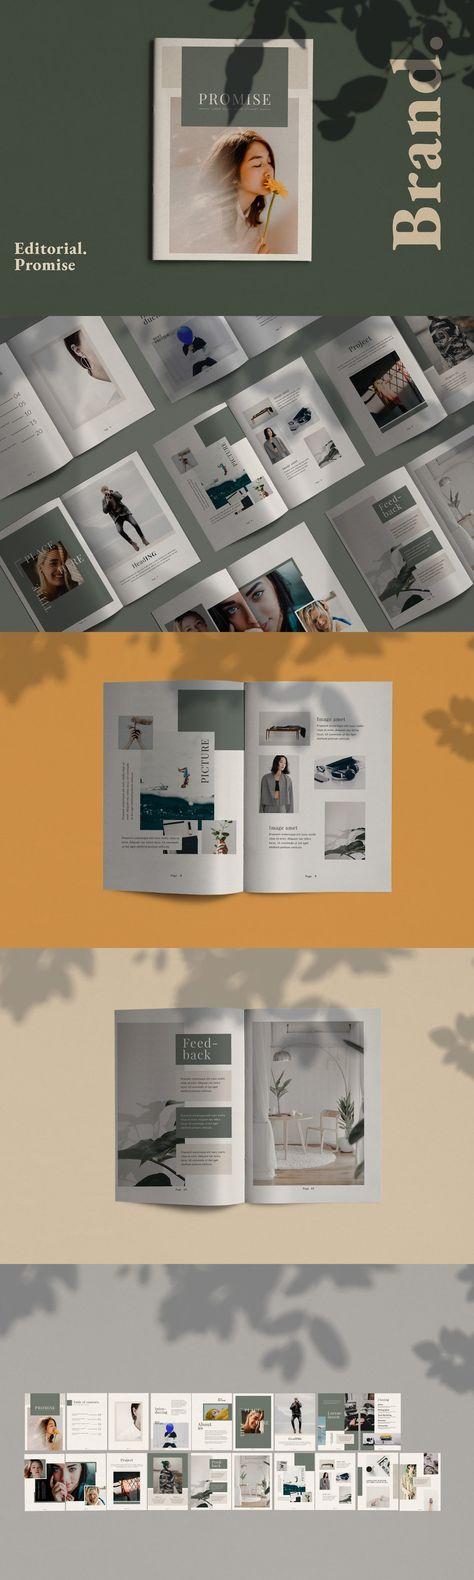 Promise Brand Lookbook